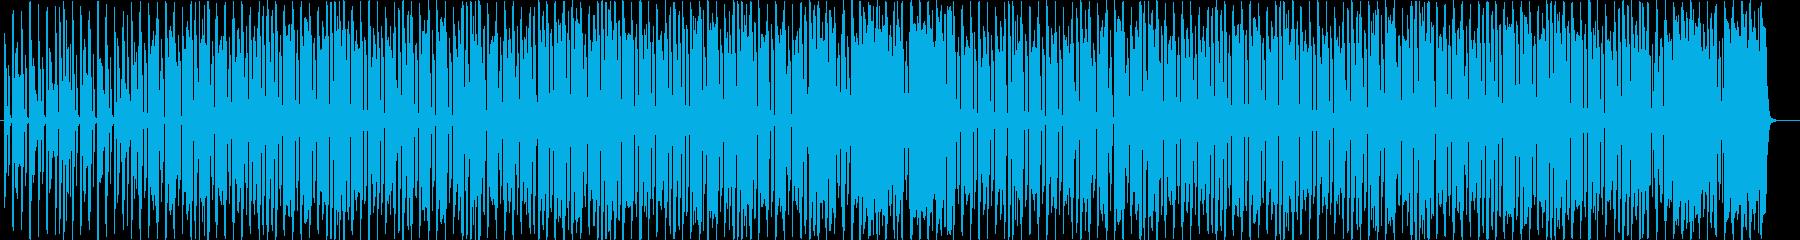 軽快でスキップしたくなるようなBGMの再生済みの波形